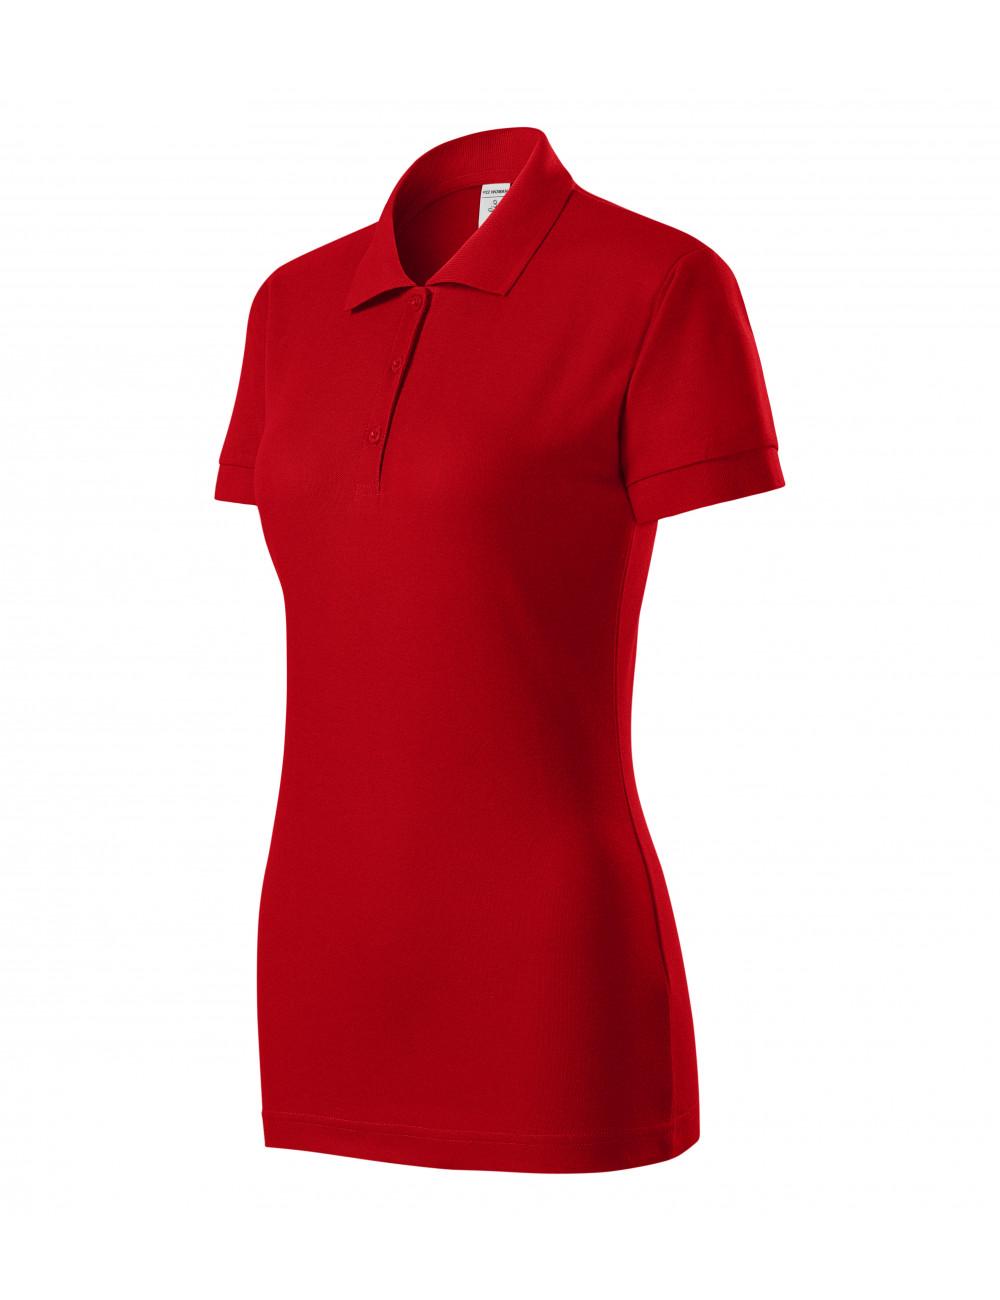 Adler PICCOLIO Koszulka polo damska Joy P22 czerwony